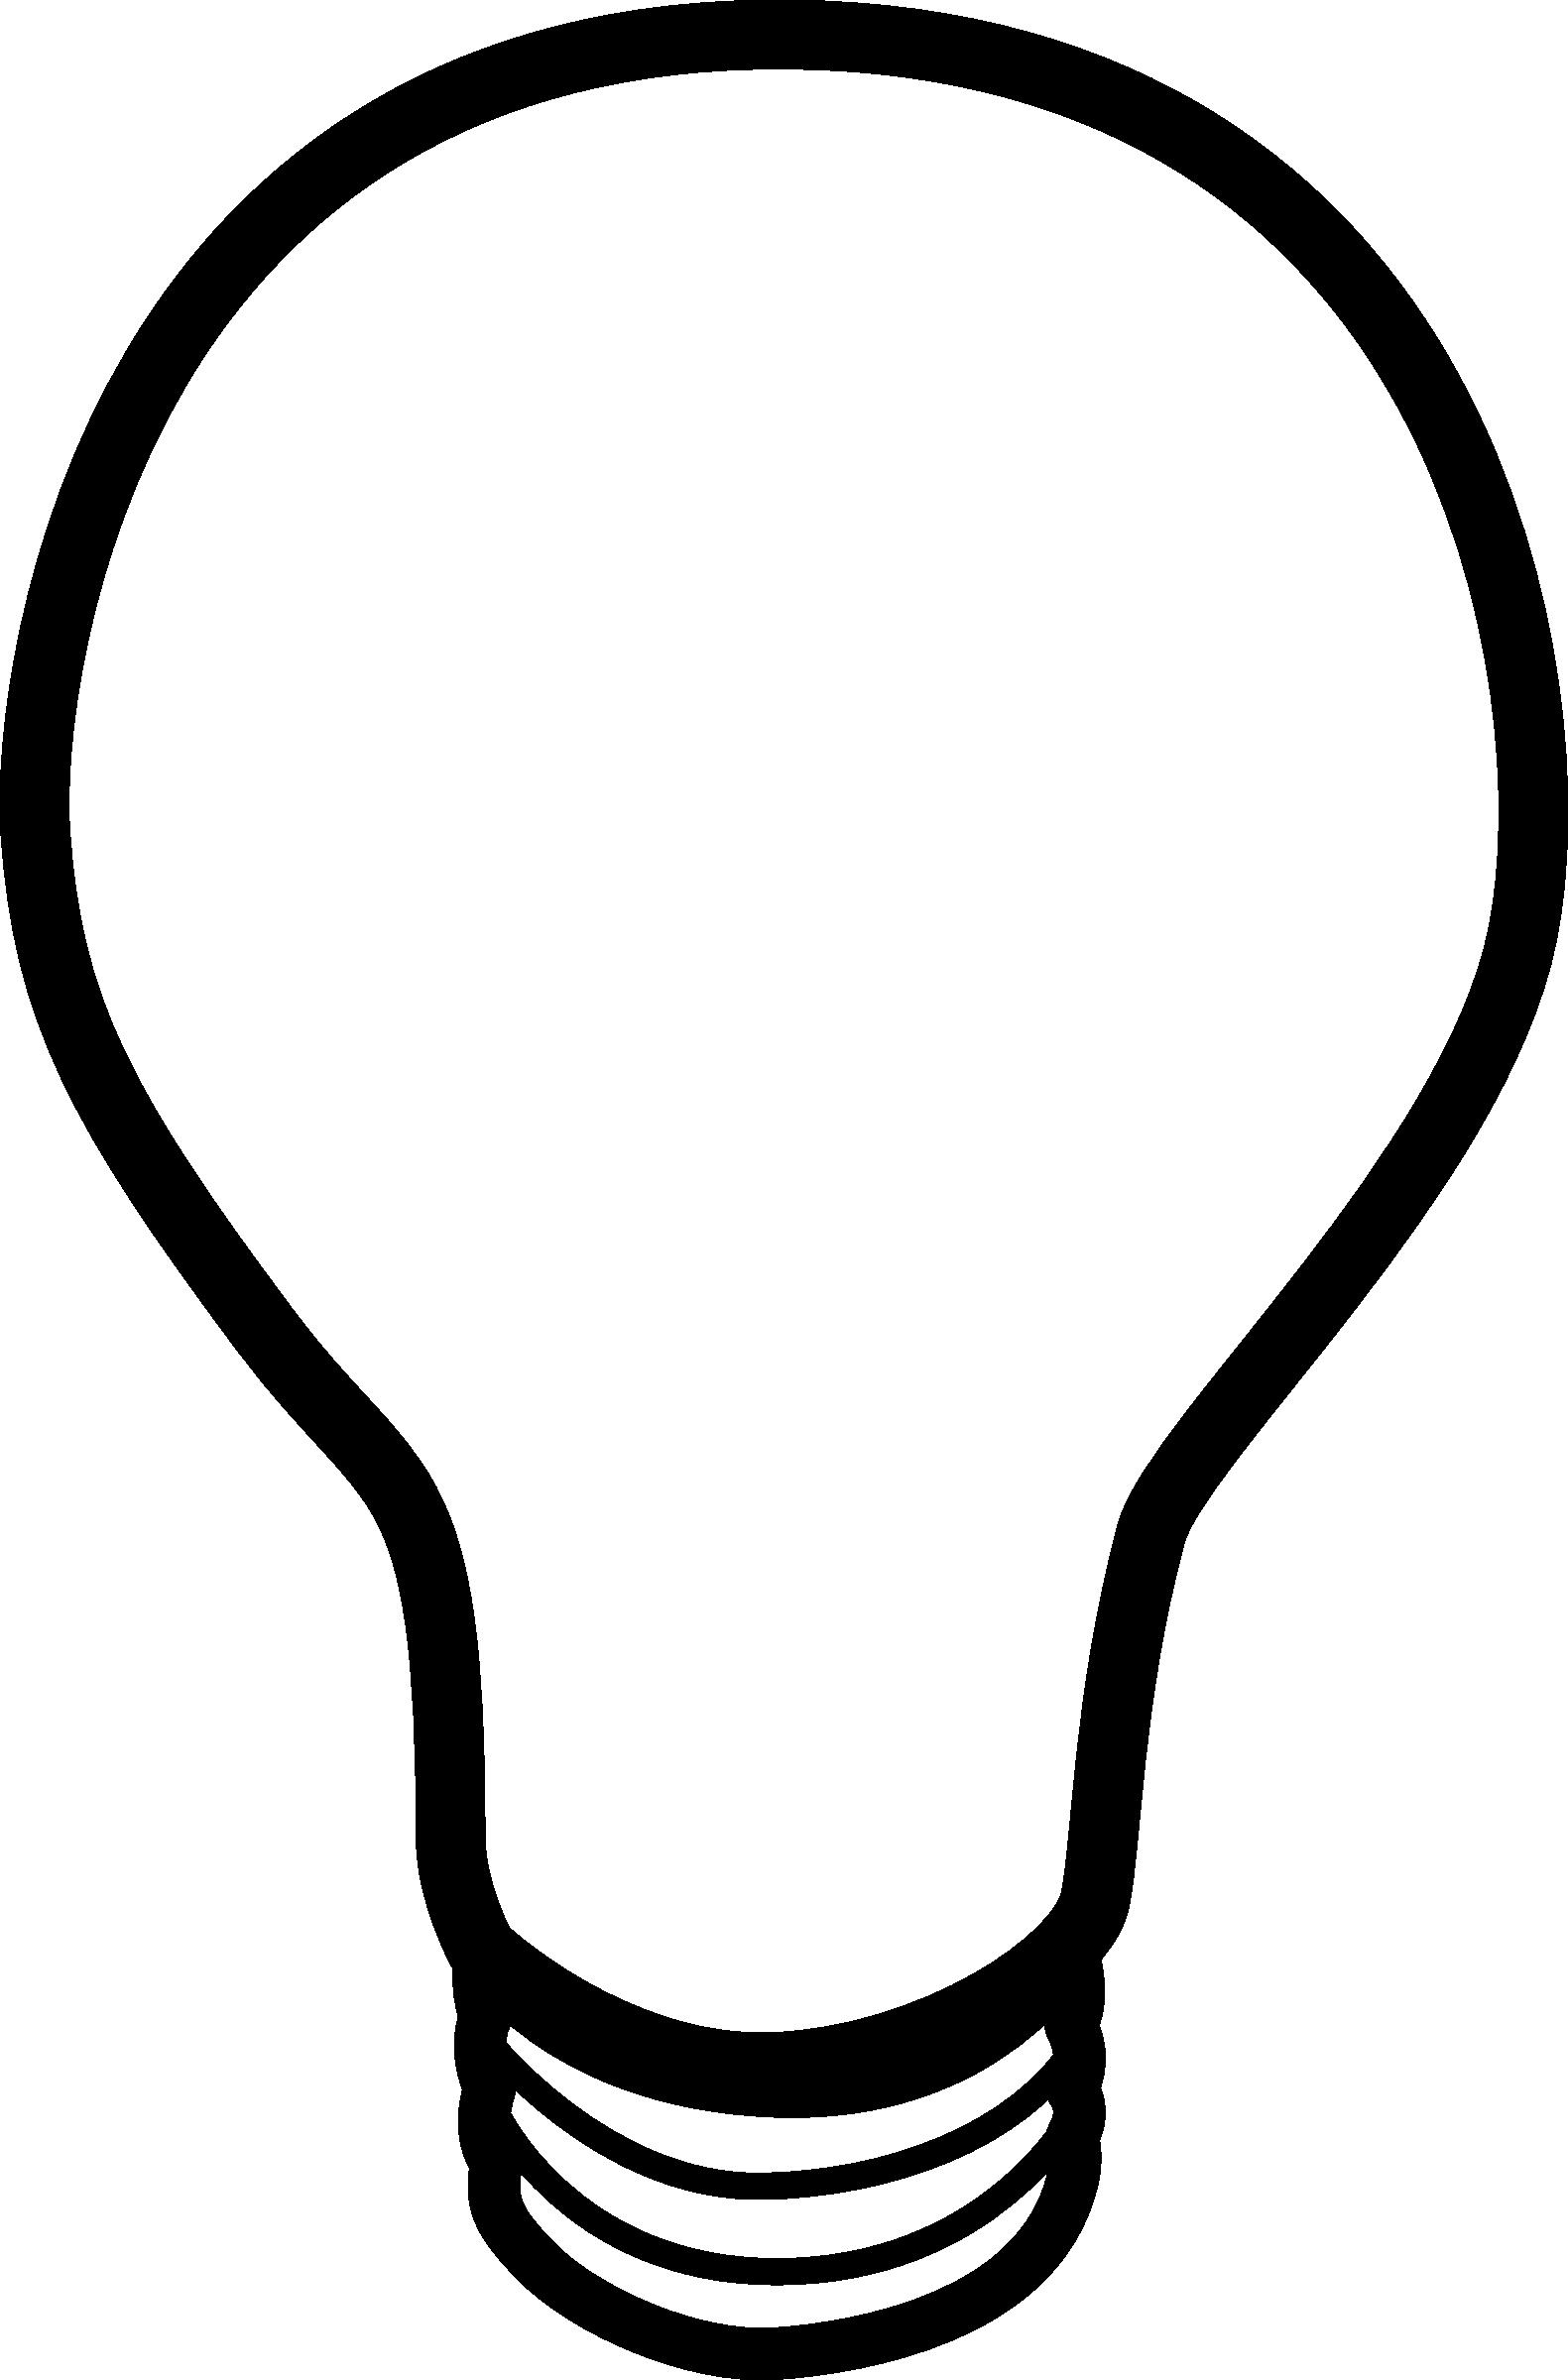 lightbulb-drawing-lightbulb_jon_phillips_05.png